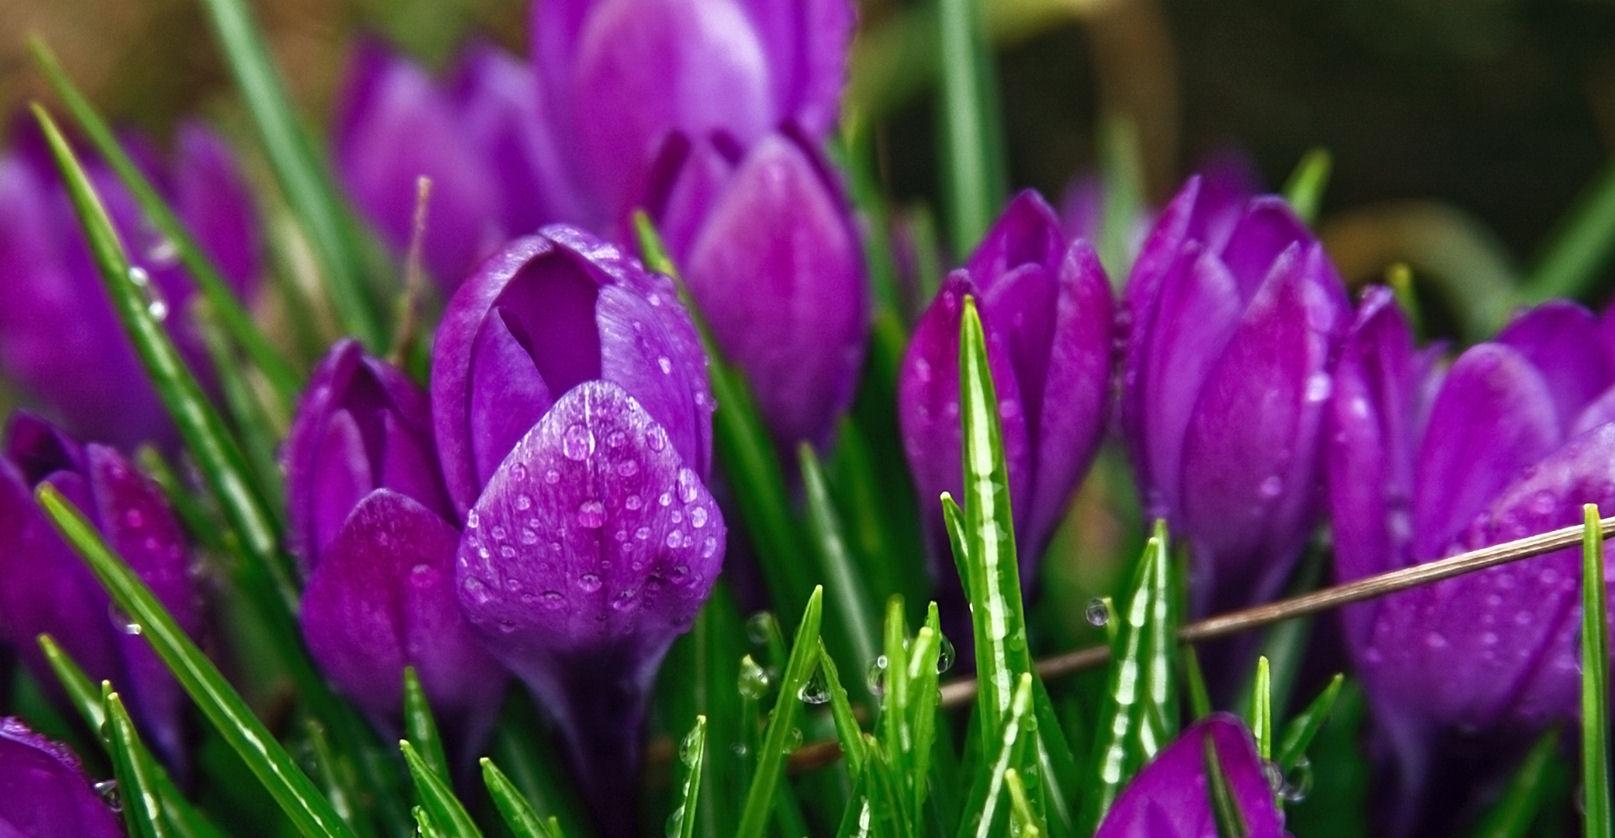 Purple Flowers Twitter Backgrounds Purple Flowers Twitter Themes 1615x838